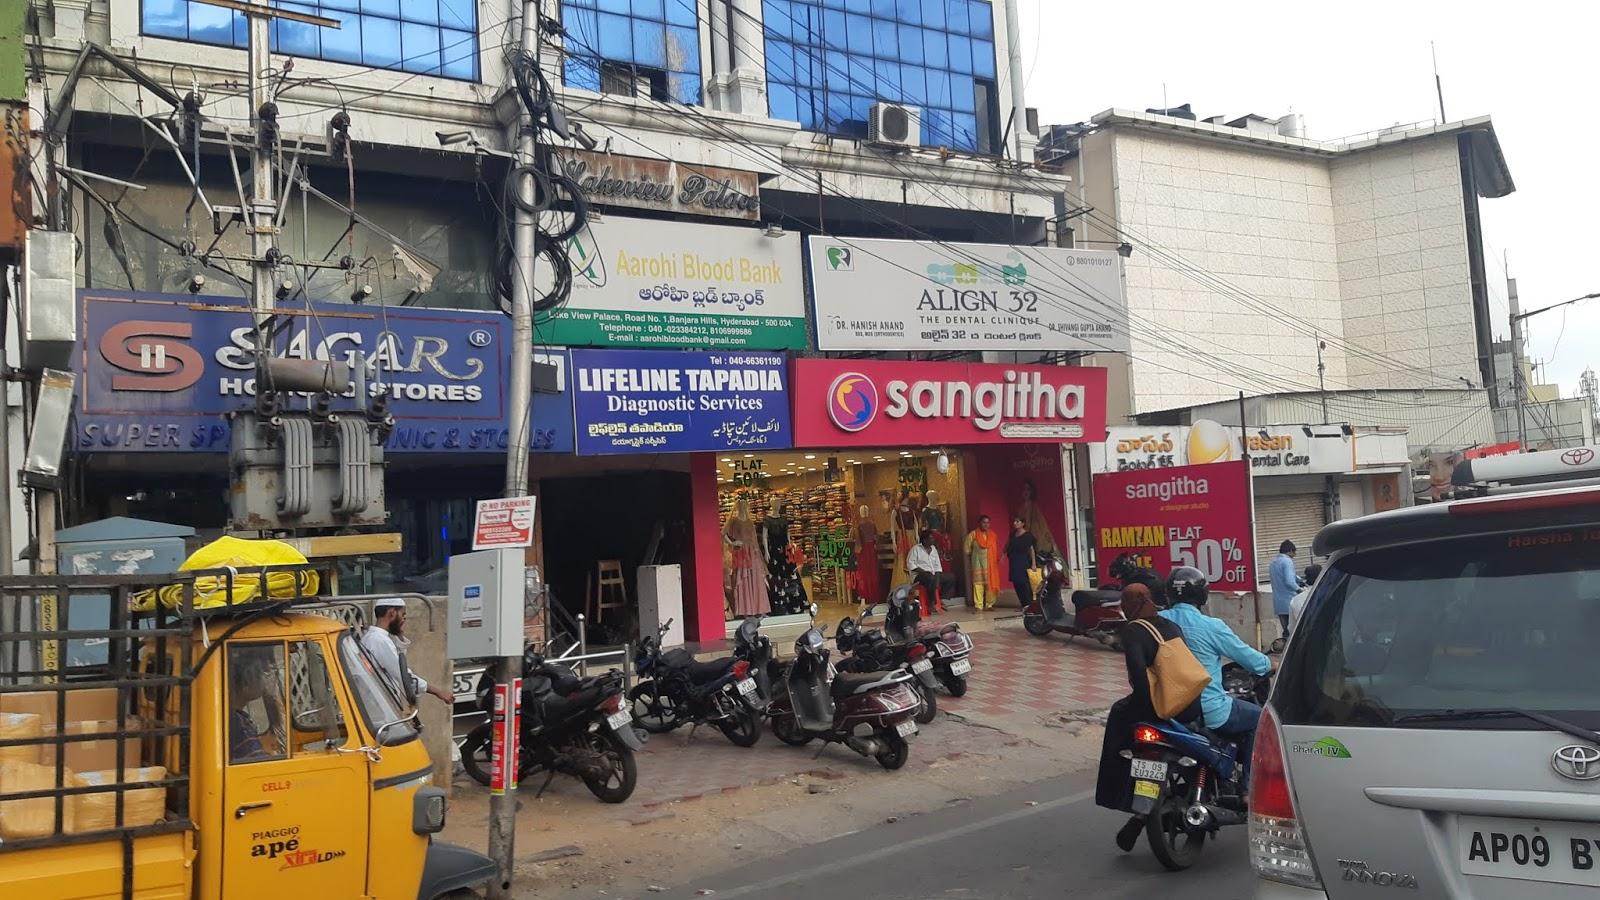 blood bank Aarohi Blood Bank near Hyderabad Telangana